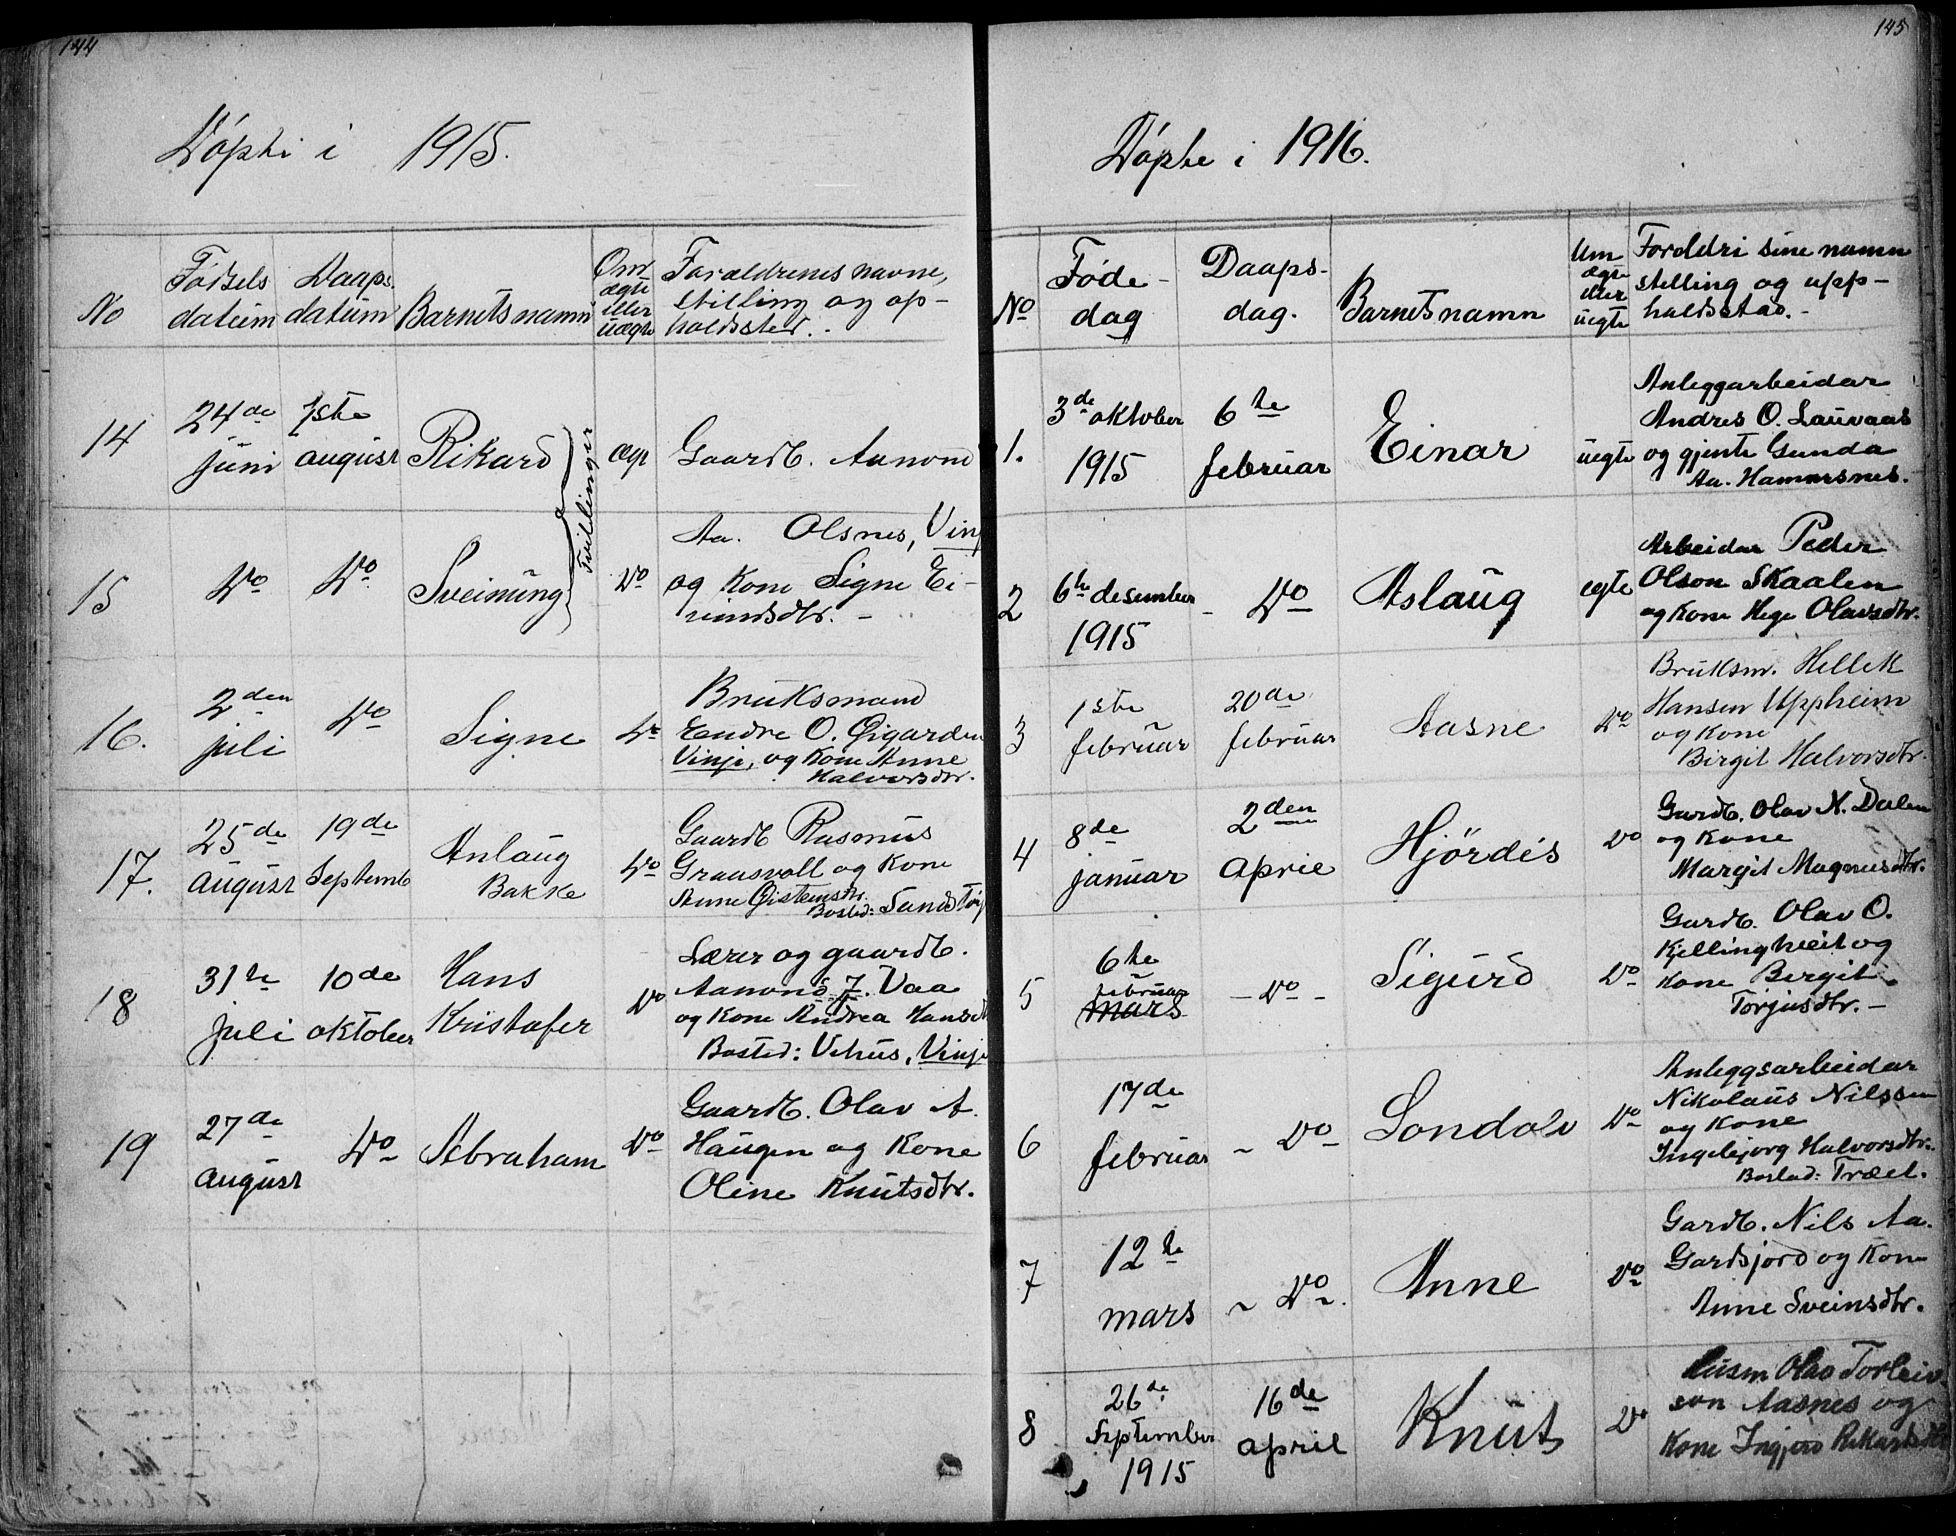 SAKO, Rauland kirkebøker, G/Ga/L0002: Klokkerbok nr. I 2, 1849-1935, s. 144-145